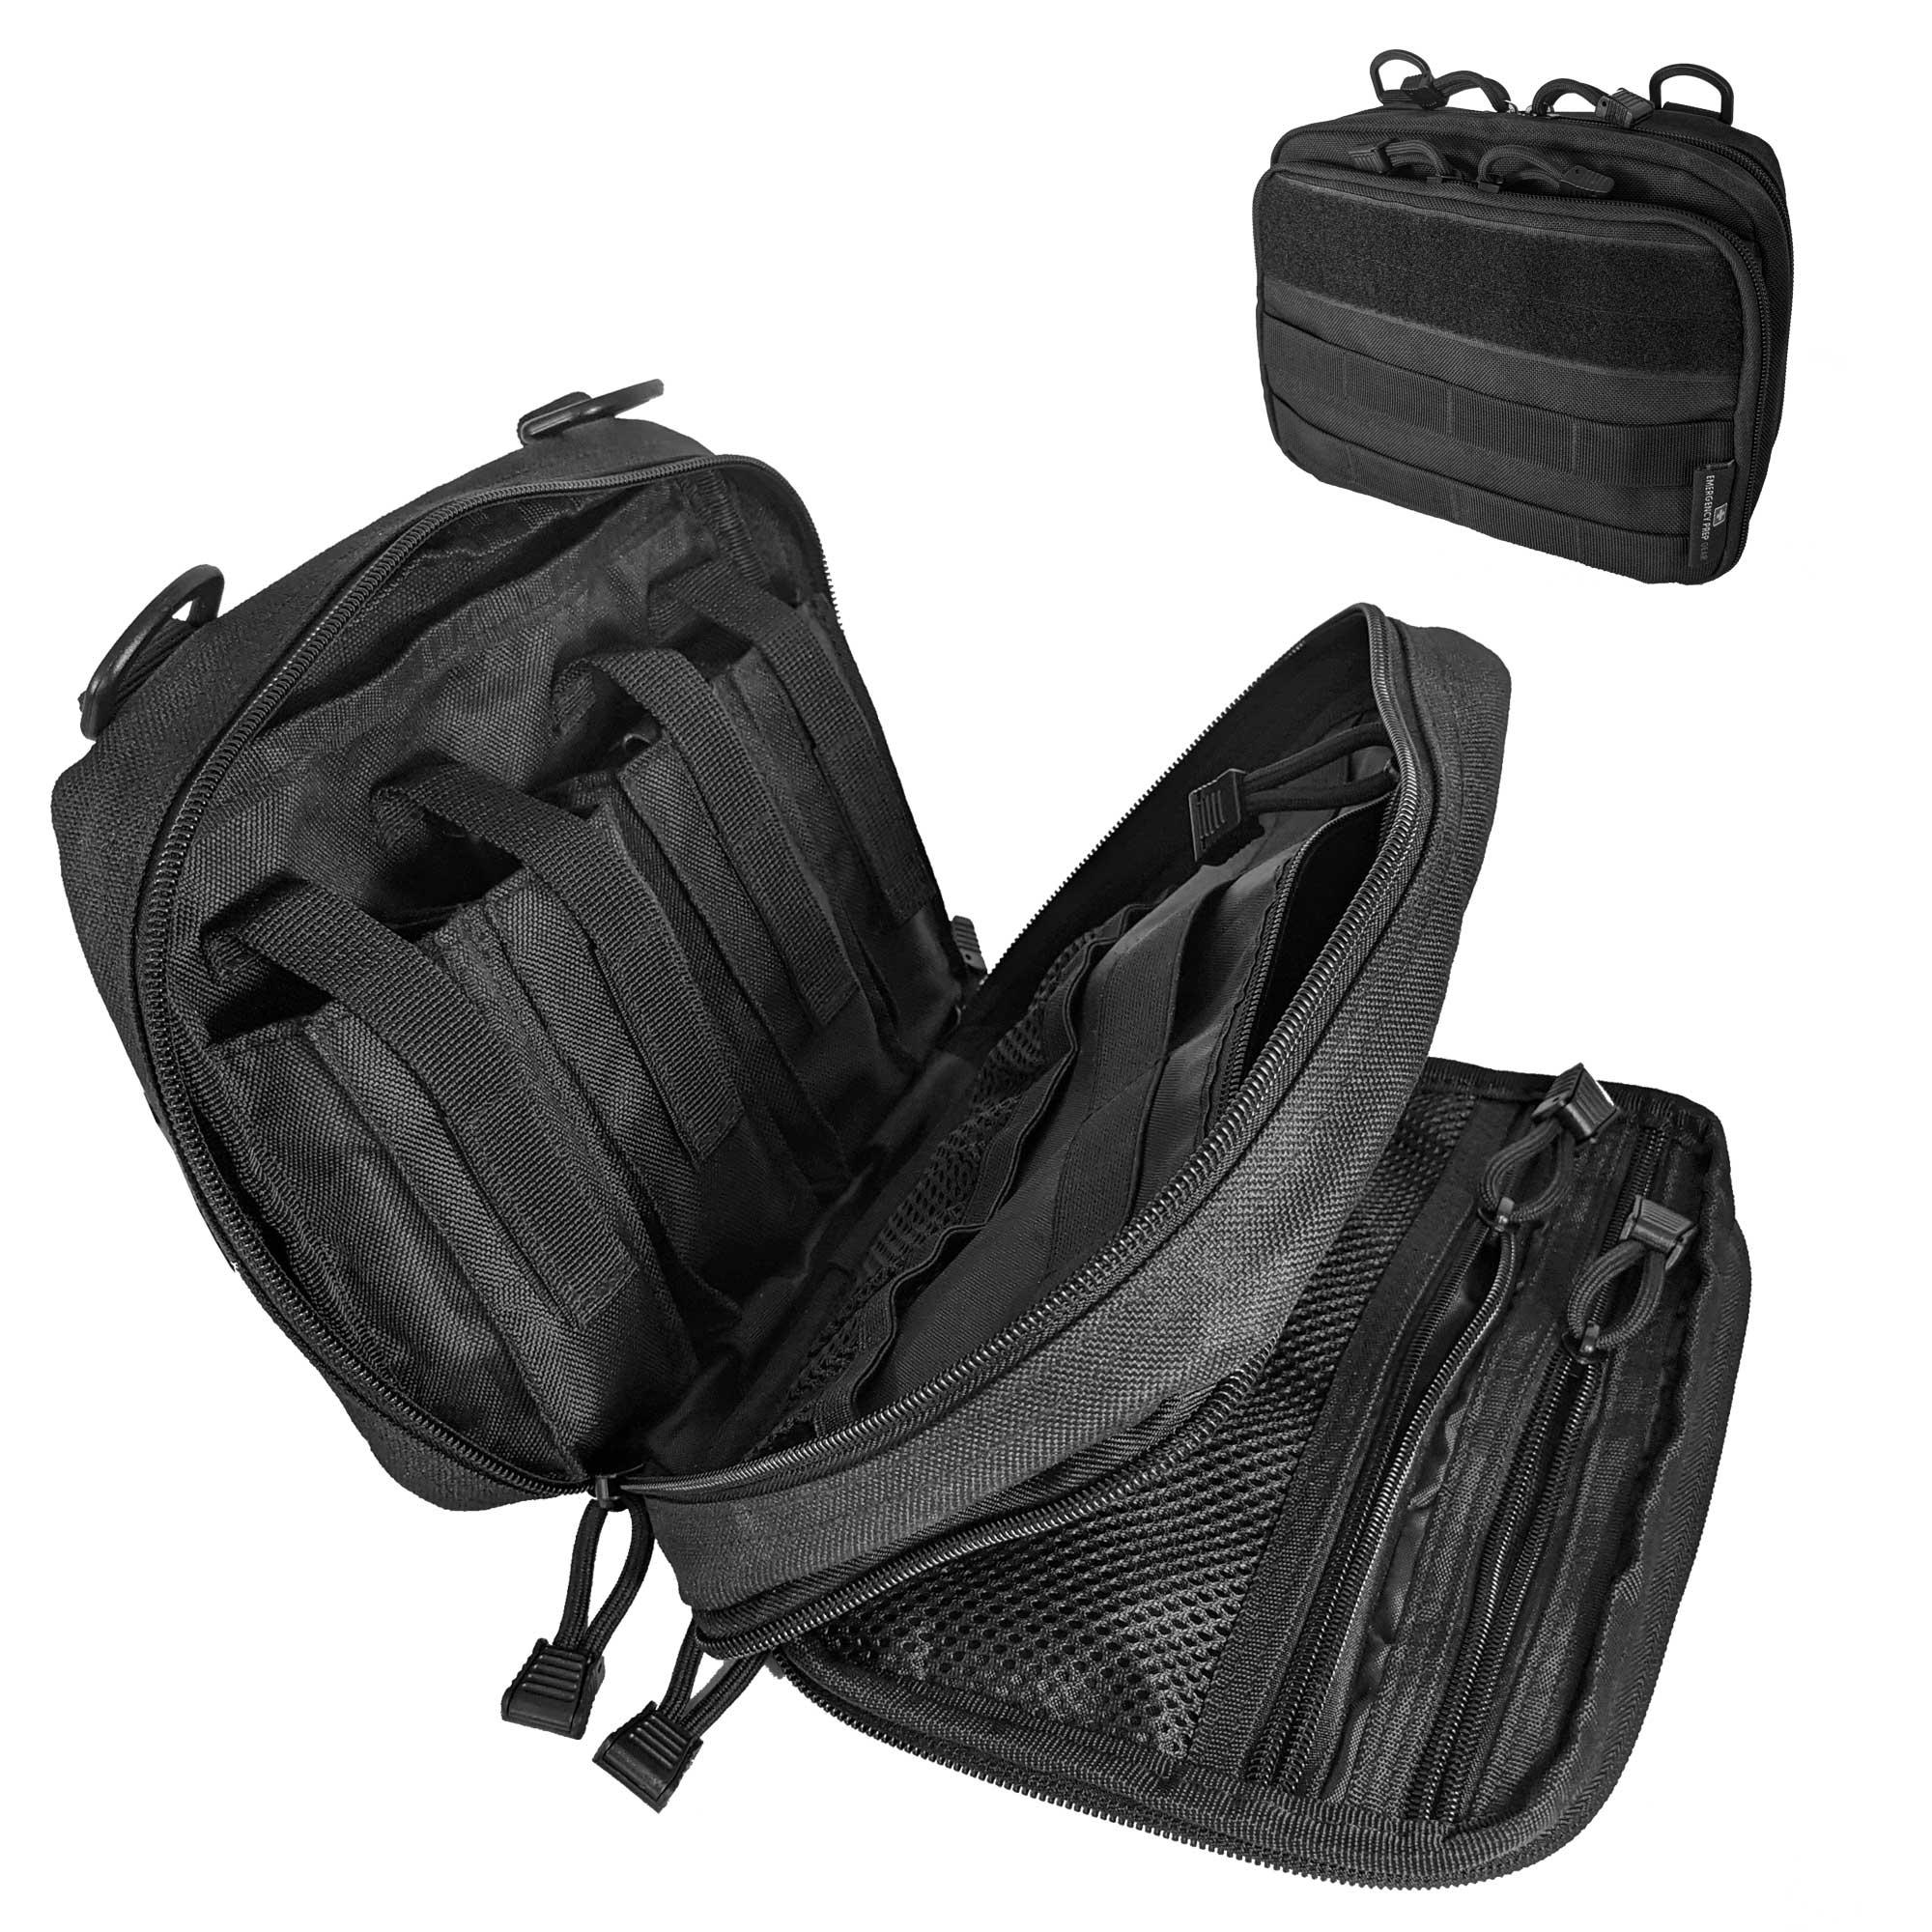 21 10 08 16 21 39 original b09dqz9vnl epg gear black main